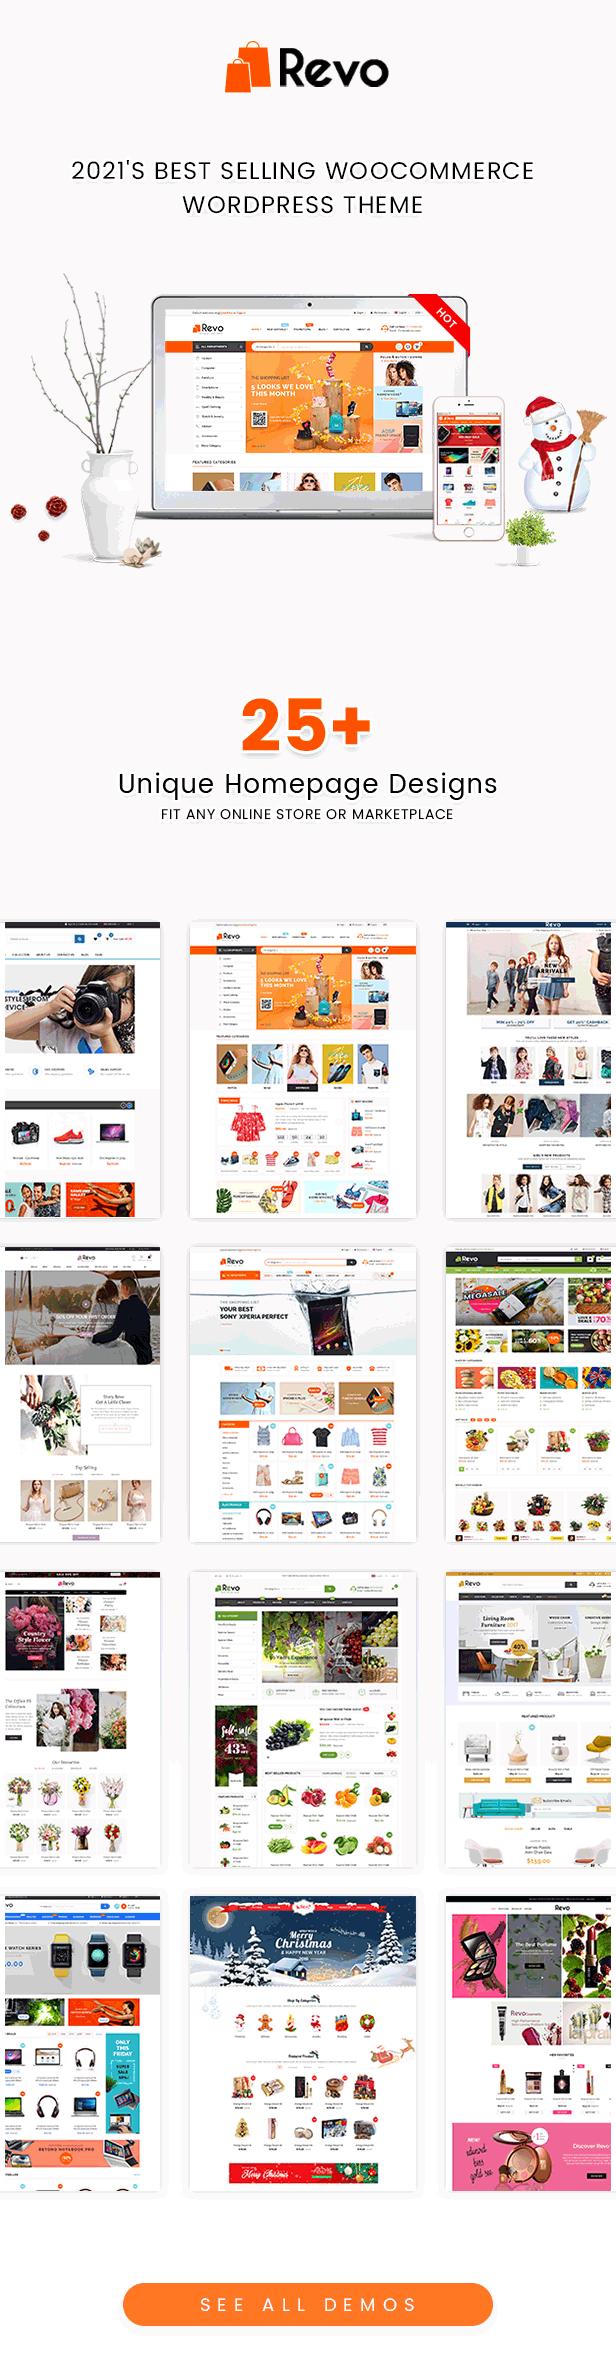 الصفحات الرئيسية لـ Revo Best WooCommerce Theme